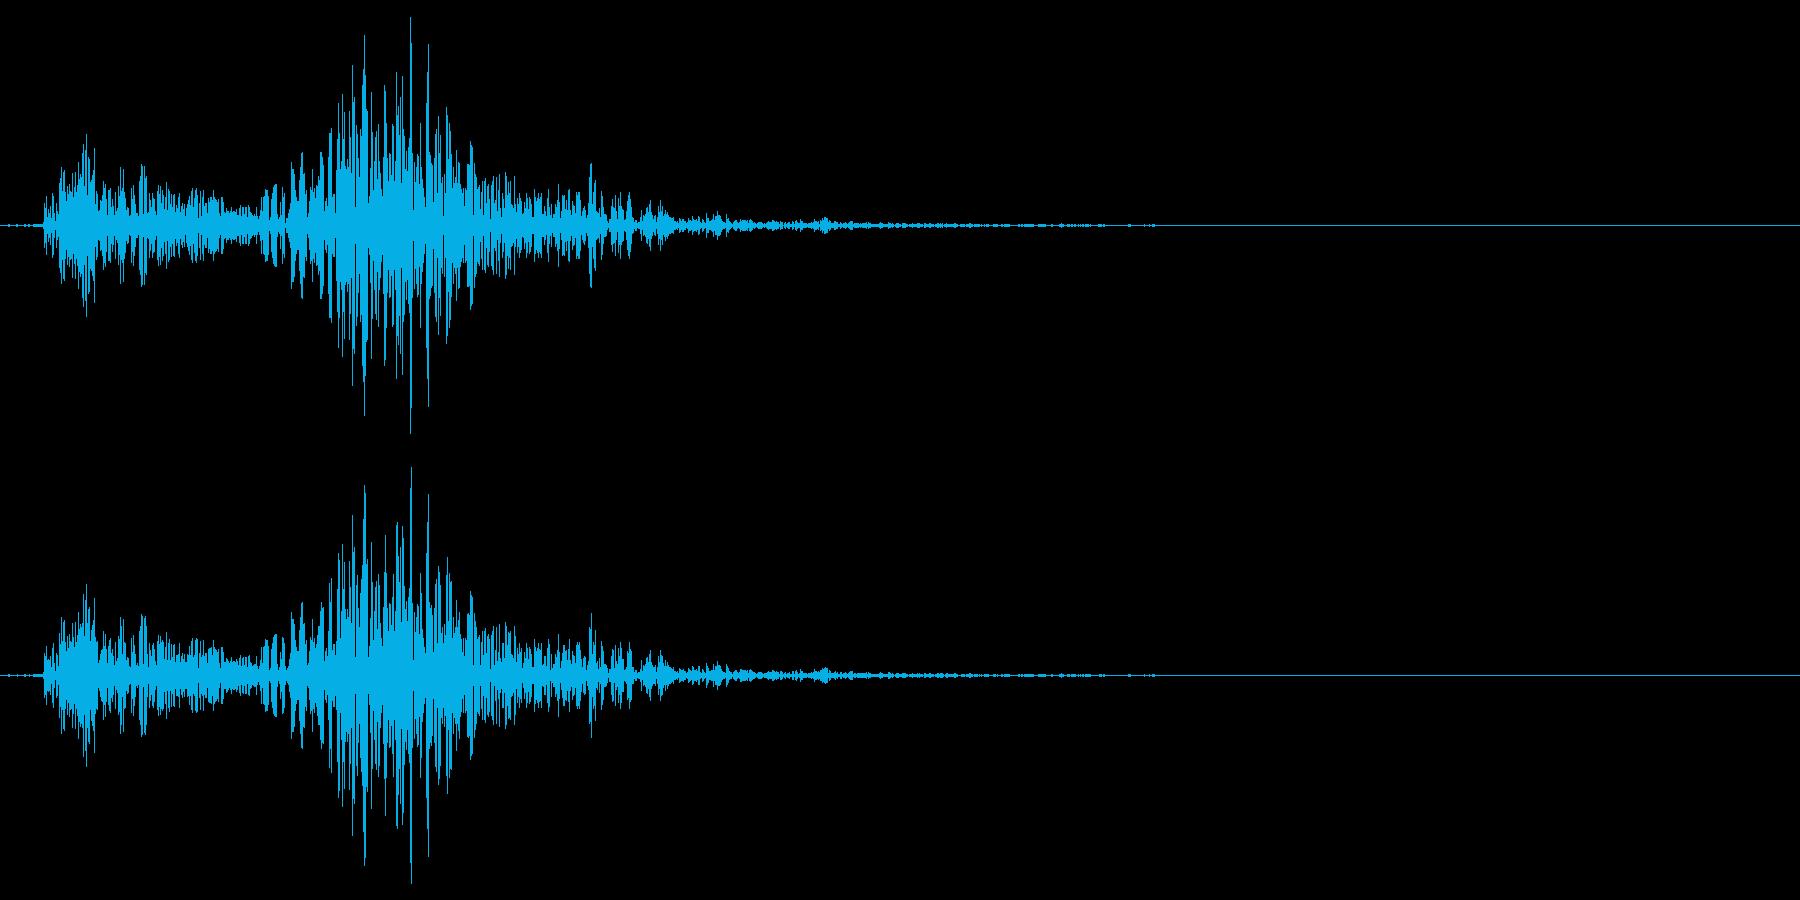 「カチ」「カチャ」など少し固めのイメー…の再生済みの波形